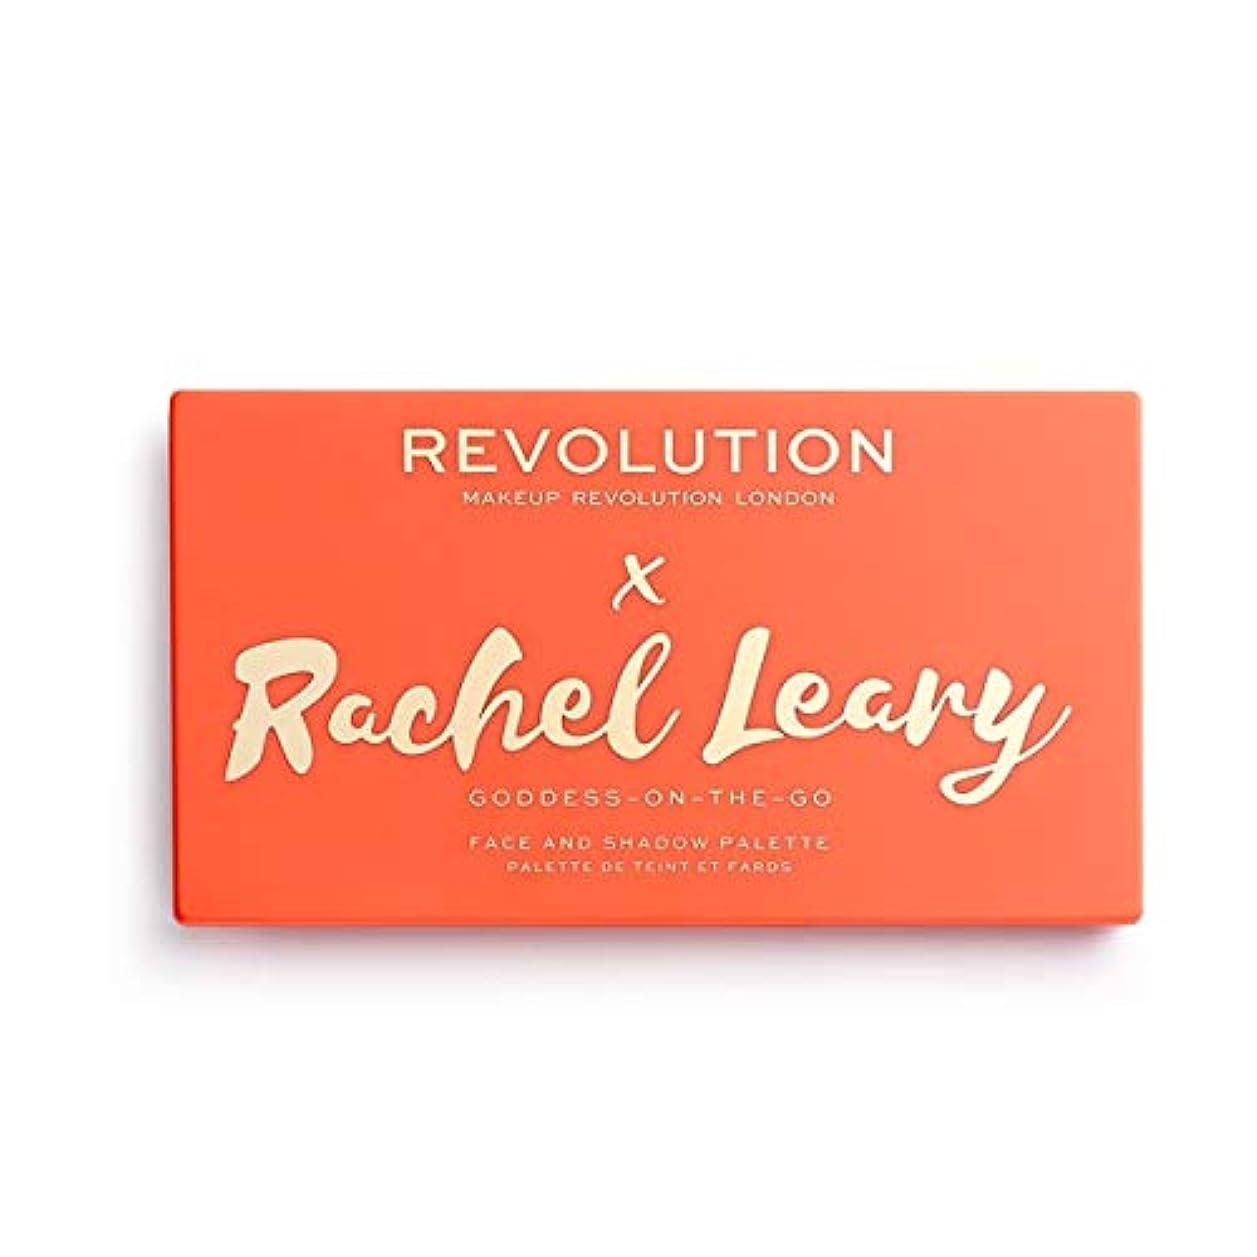 確執感じハンサムメイクアップレボリューション ORIGINAL Revolution x Rachel Leary Goddess On The Go Palette 13色アイシャドウパレット REVOLUTION